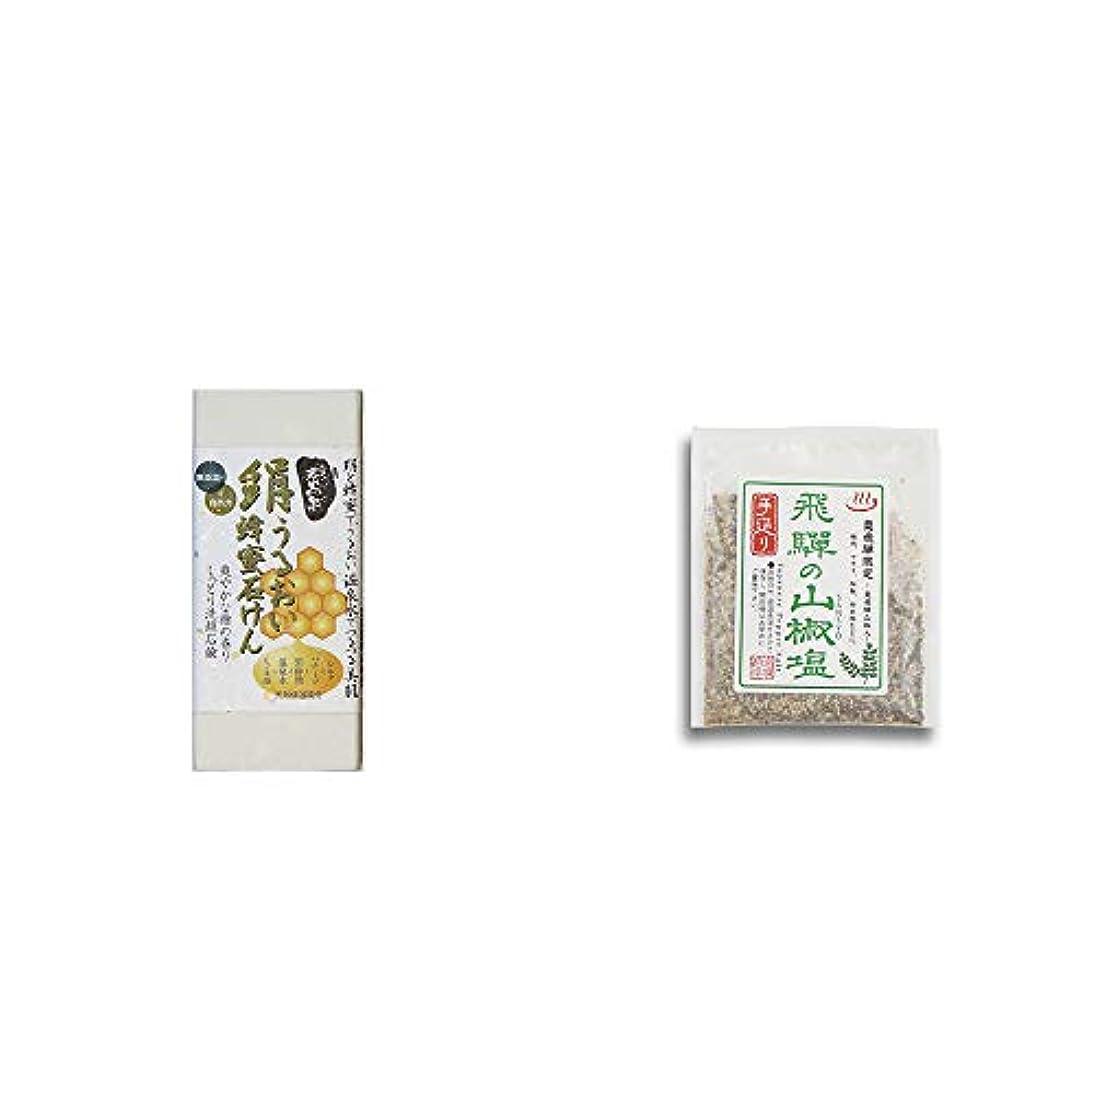 本質的に逸脱パイプ[2点セット] ひのき炭黒泉 絹うるおい蜂蜜石けん(75g×2)?手造り 飛騨の山椒塩(40g)